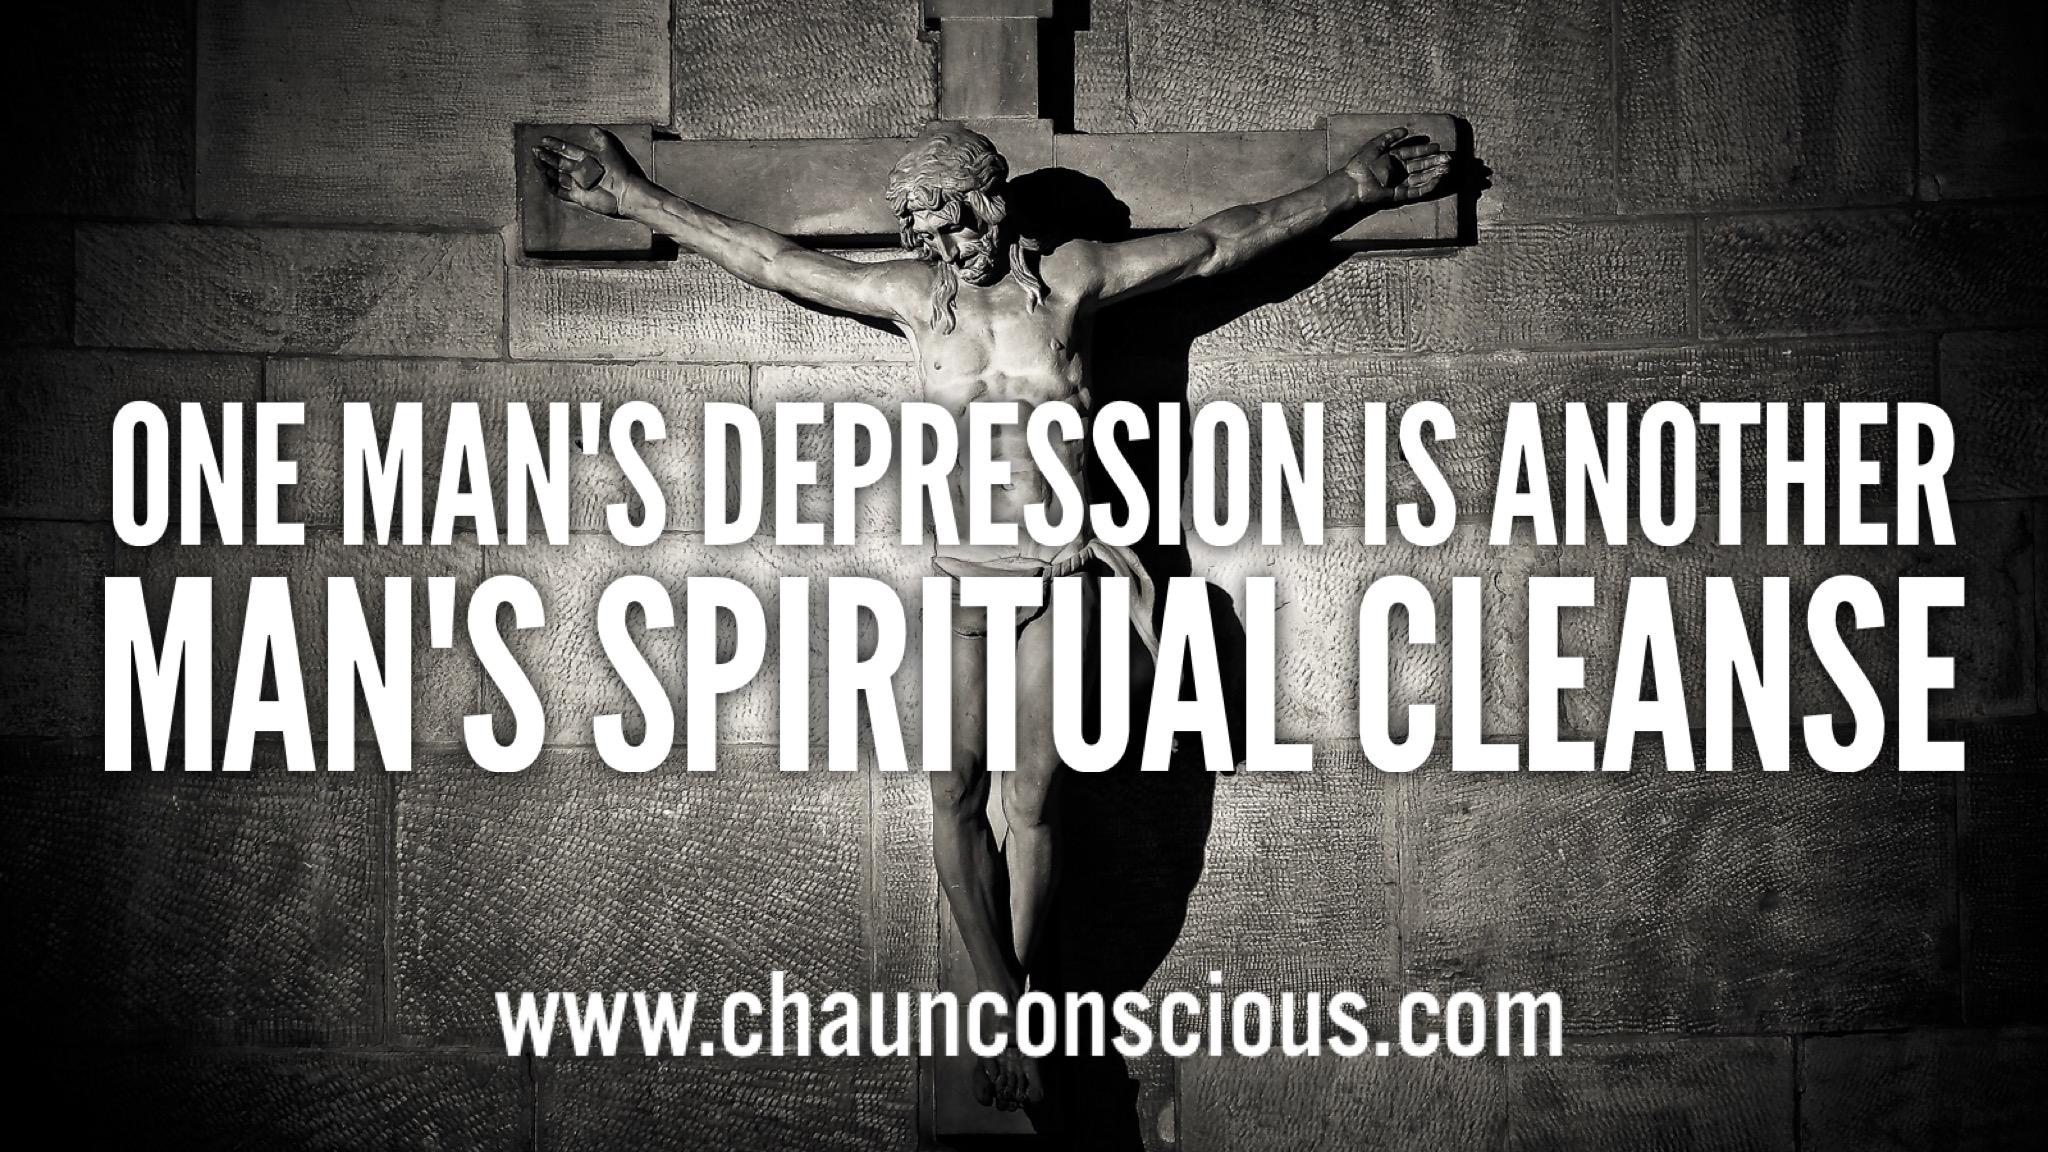 Spiritual cleanse